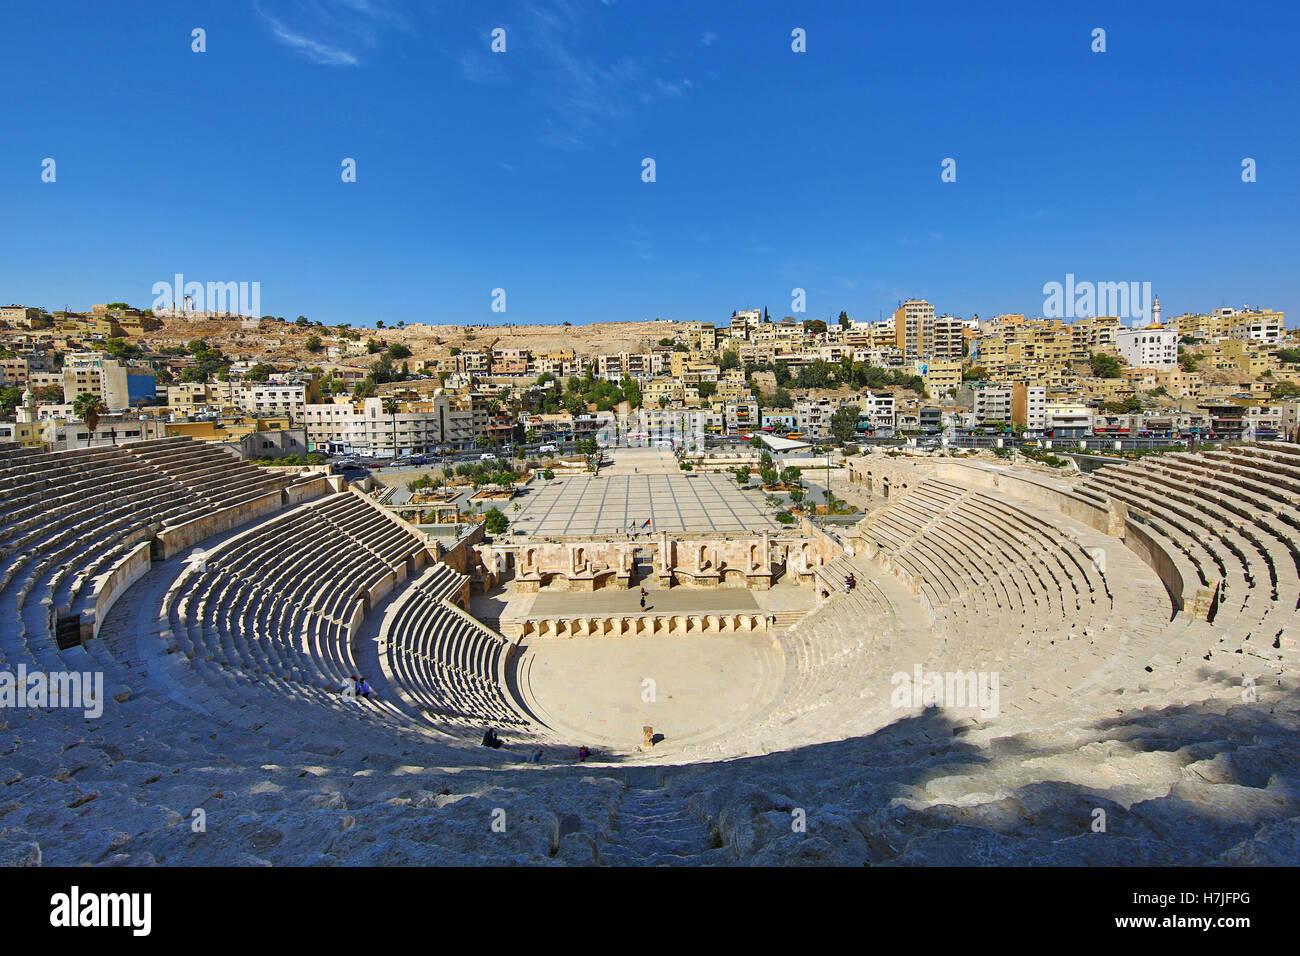 Teatro romano sulla Hashemita Plaza nella Città Vecchia, Amman, Giordania Immagini Stock